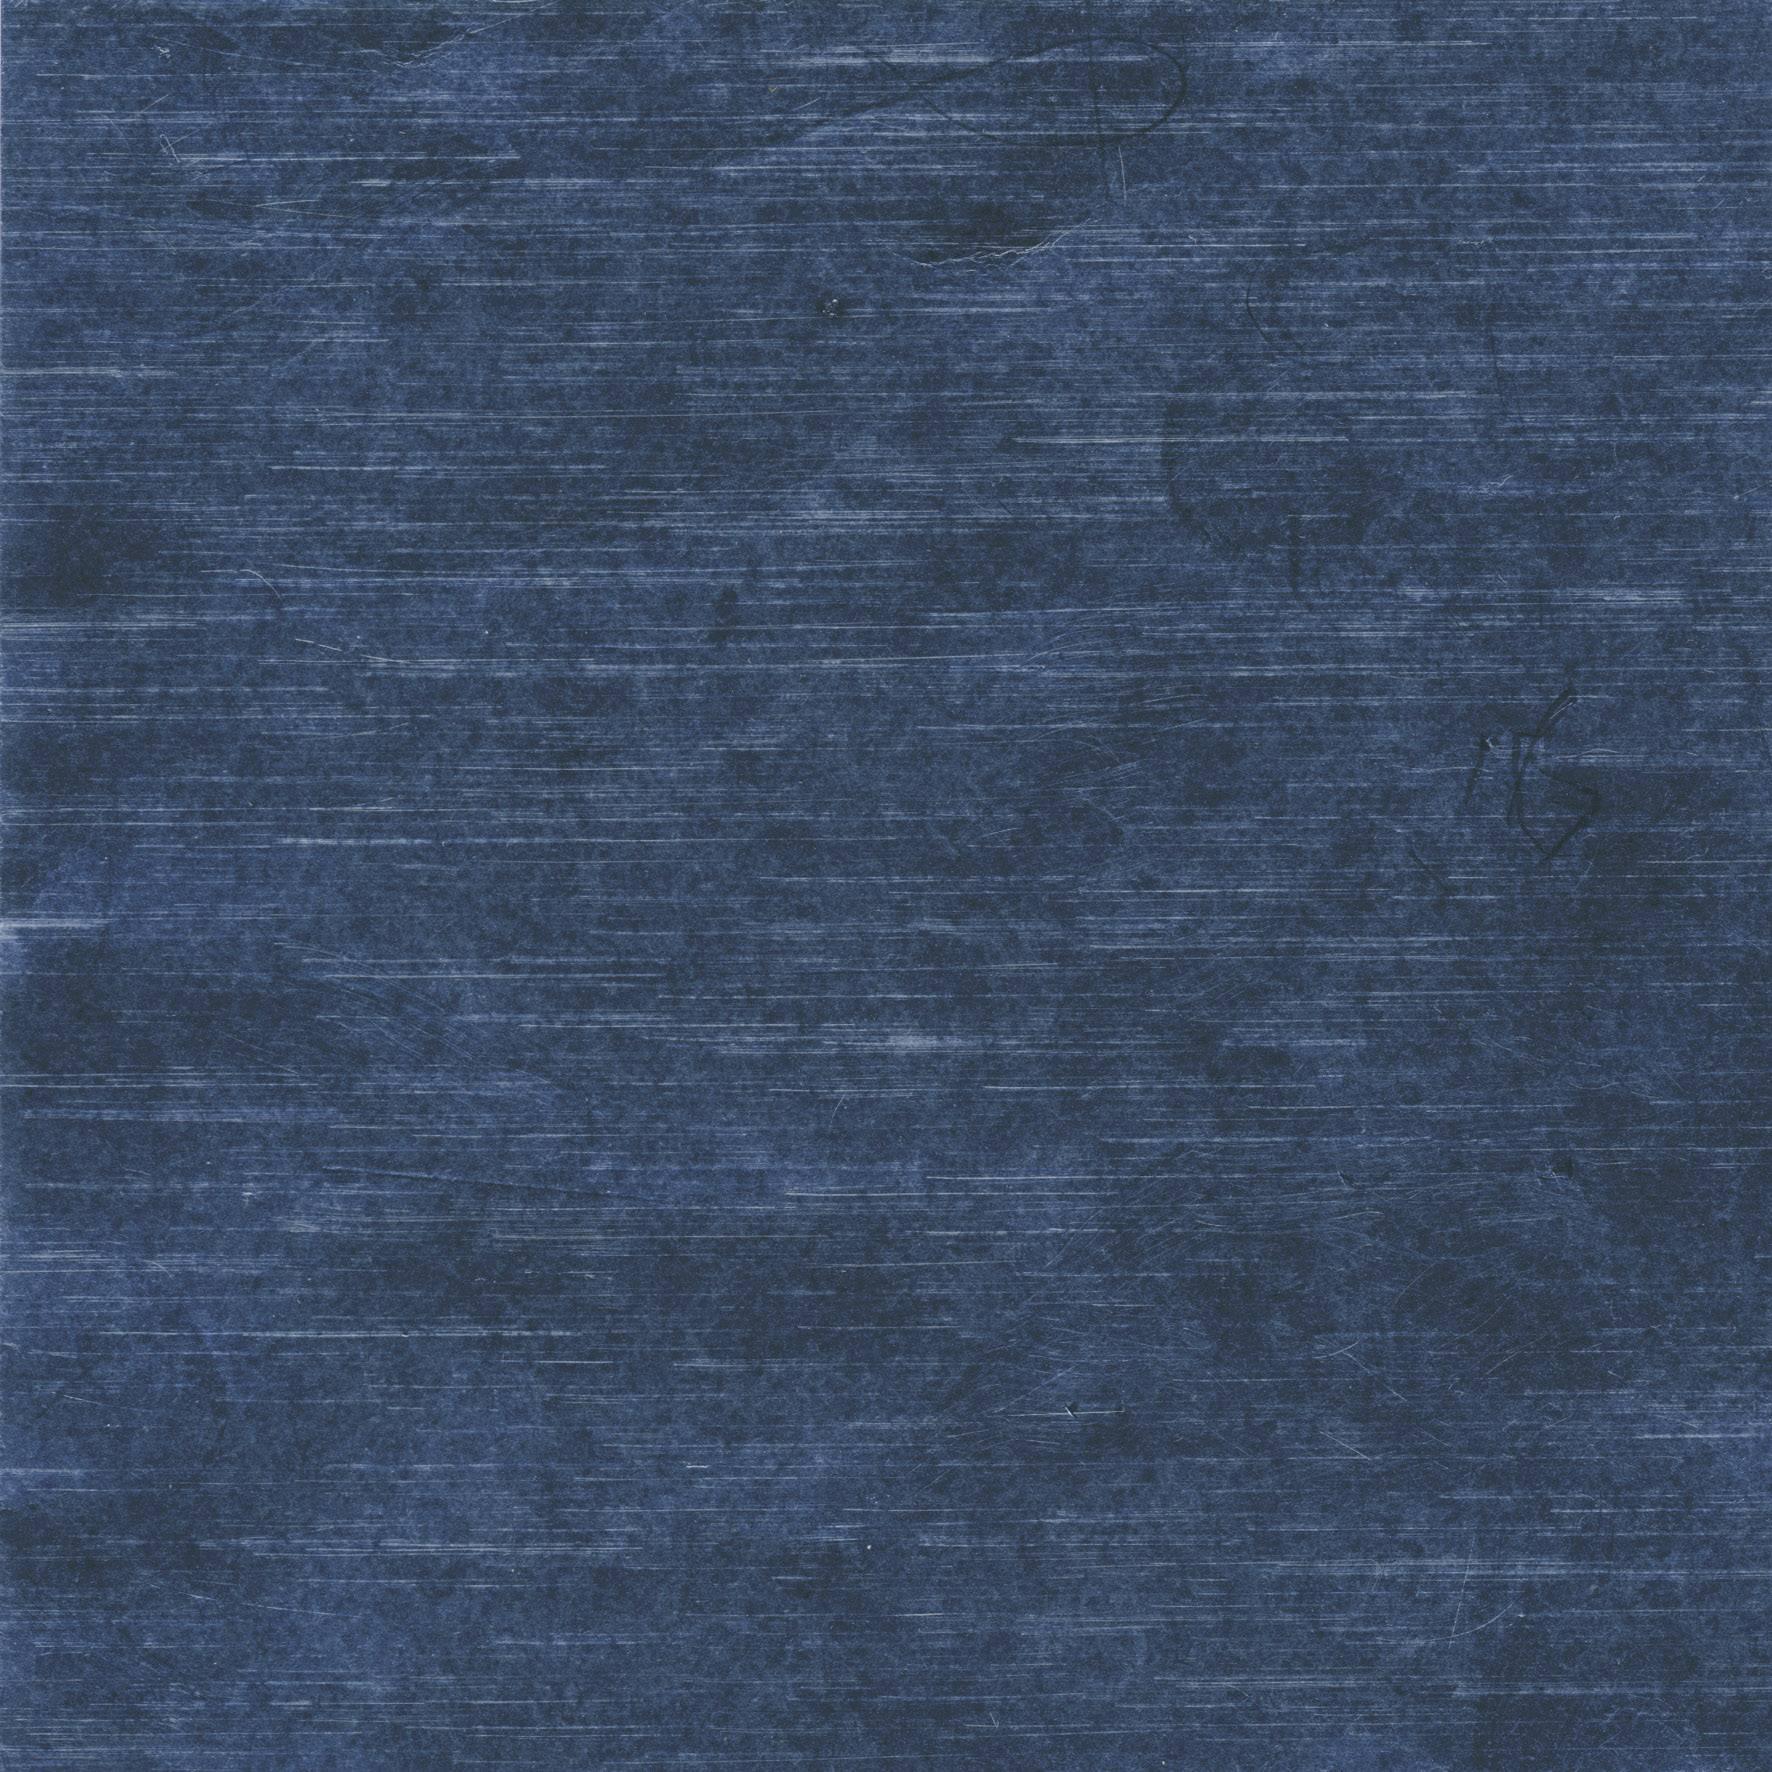 Teplovodivá fólie KerathermR 90/10 grafitová - 190 x 190 mm